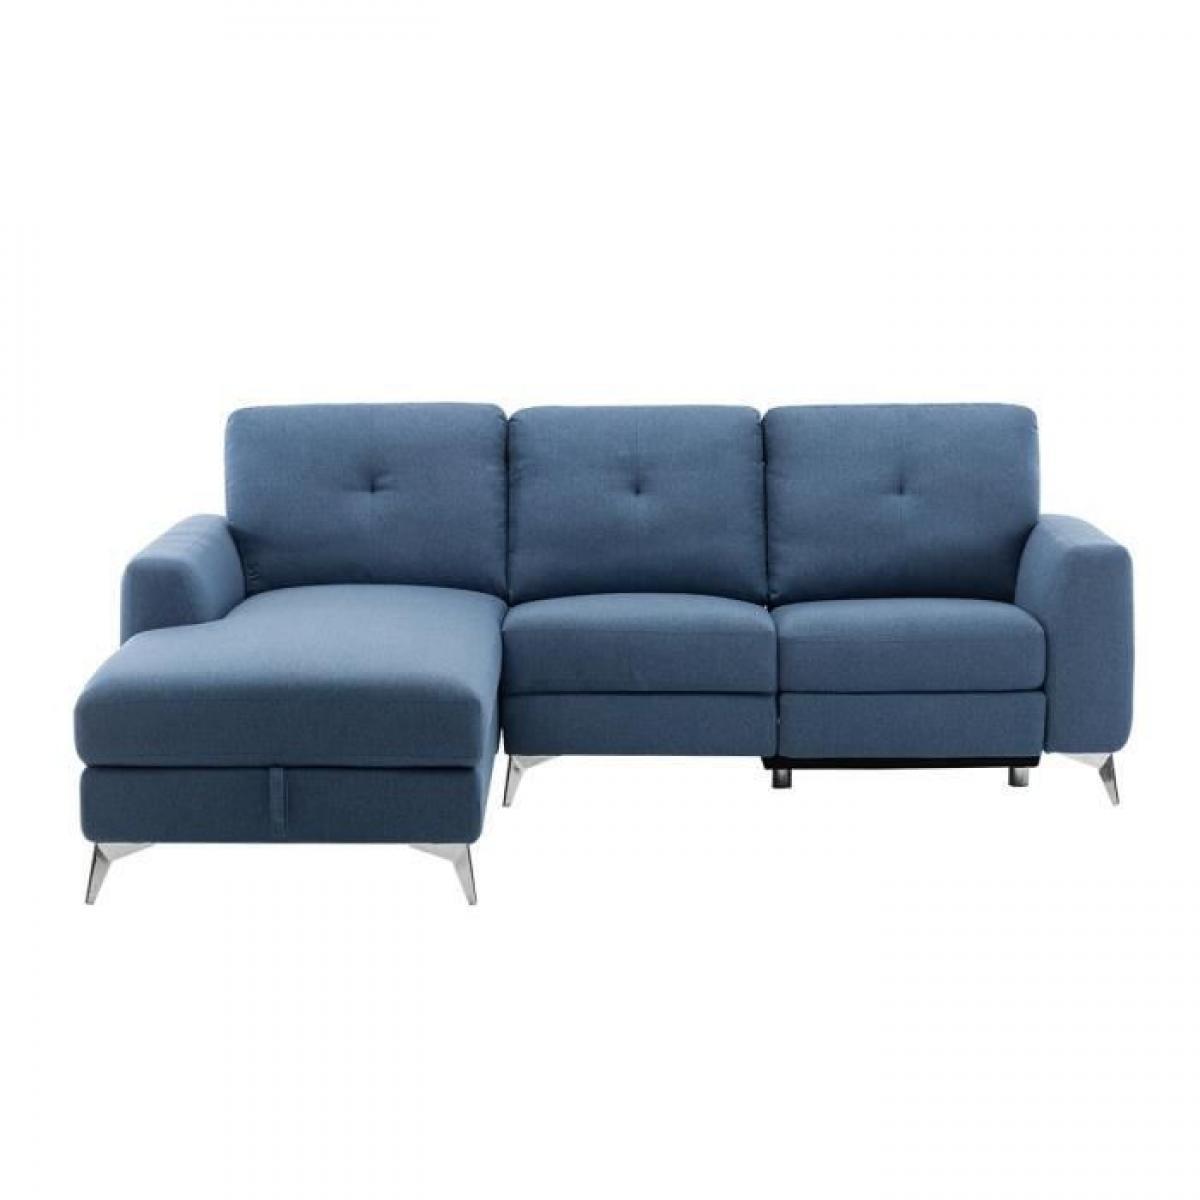 Sans Marque Canape dangle gauche avec 1 place relax electrique + coffre - Tissu Bleu - L 260 x P 51 x H 90 cm - FRANKLIN